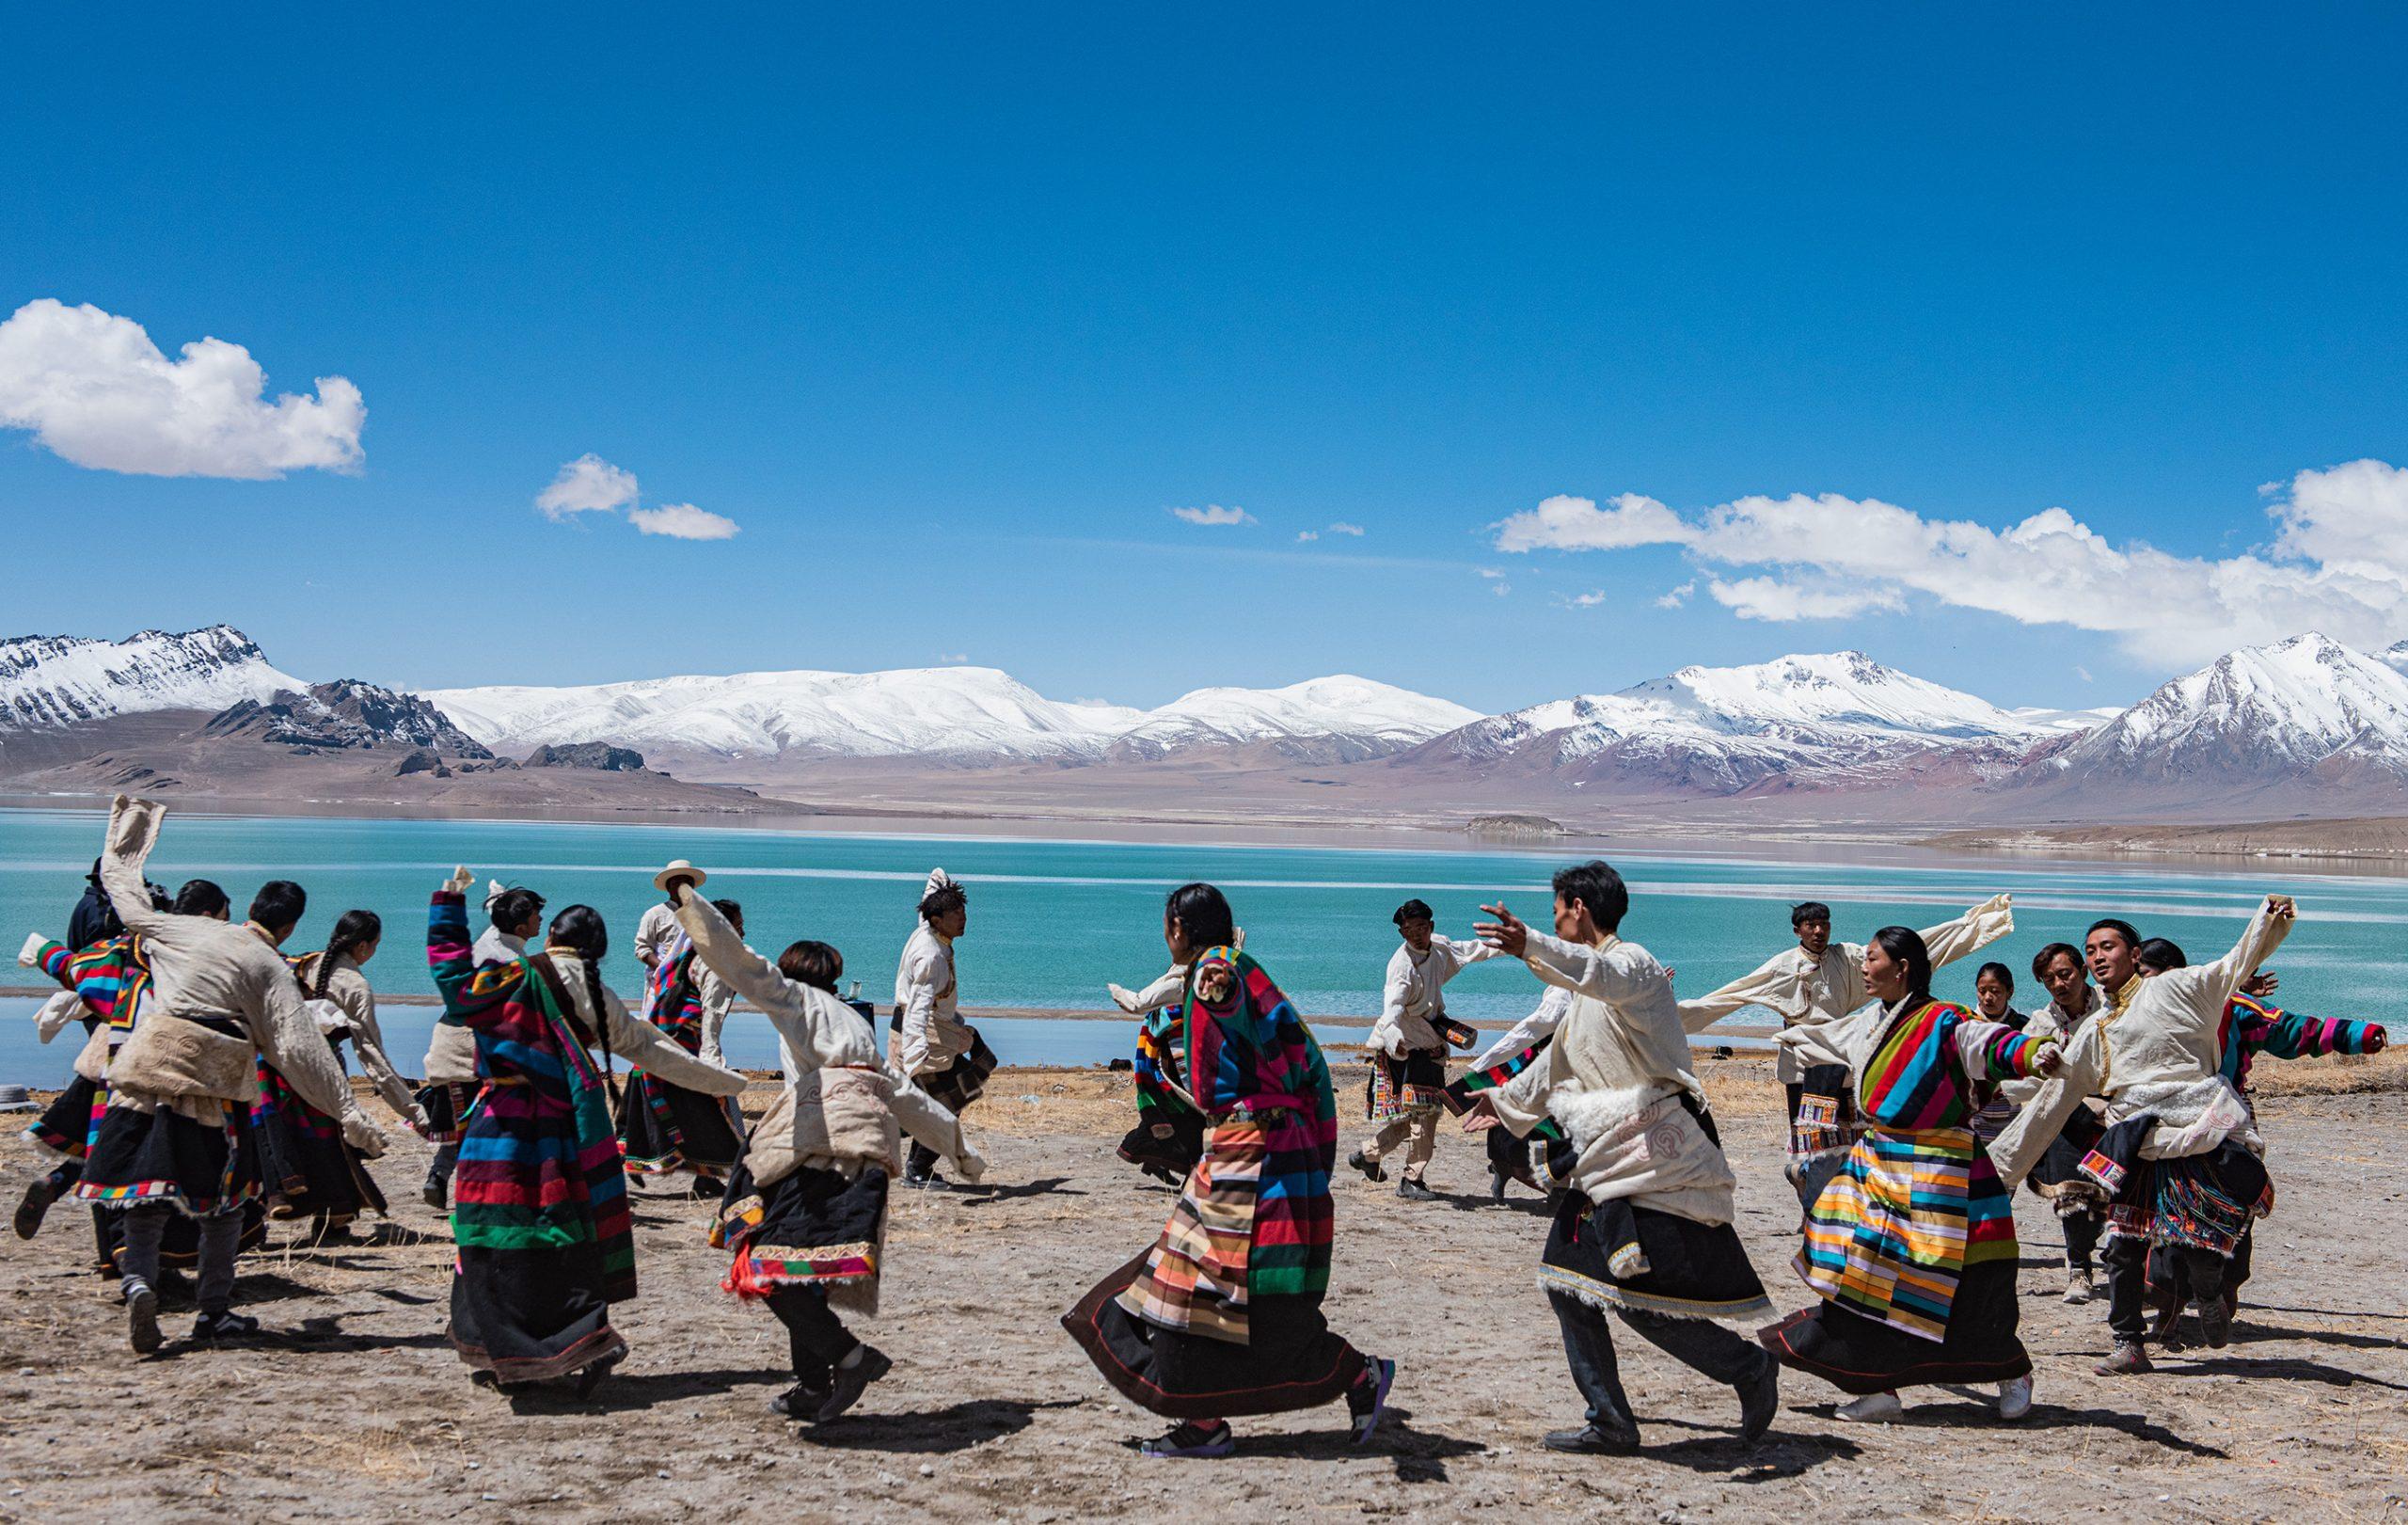 Prefectura autónoma tibetana de China promoverá más la protección cultural